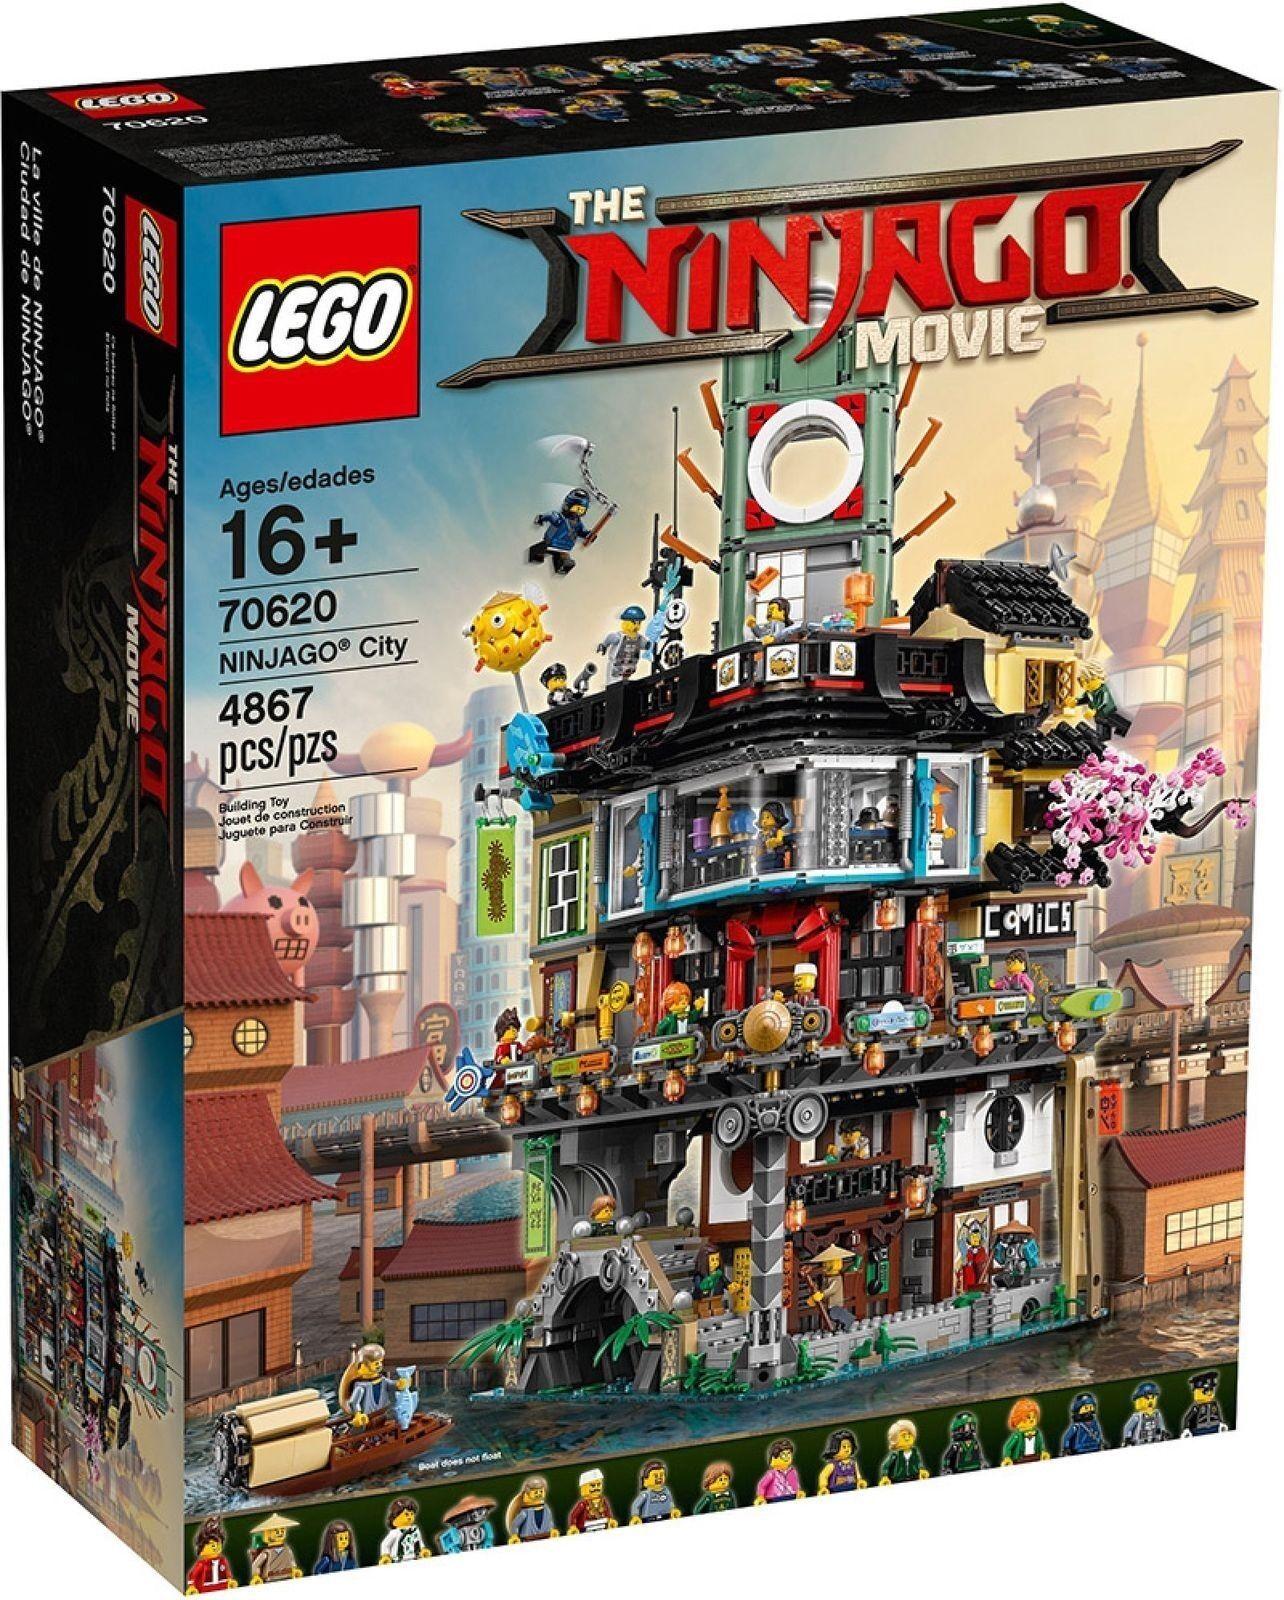 LEGO NINJAGO MOVIE NINJAGO CITY - LEGO 70620